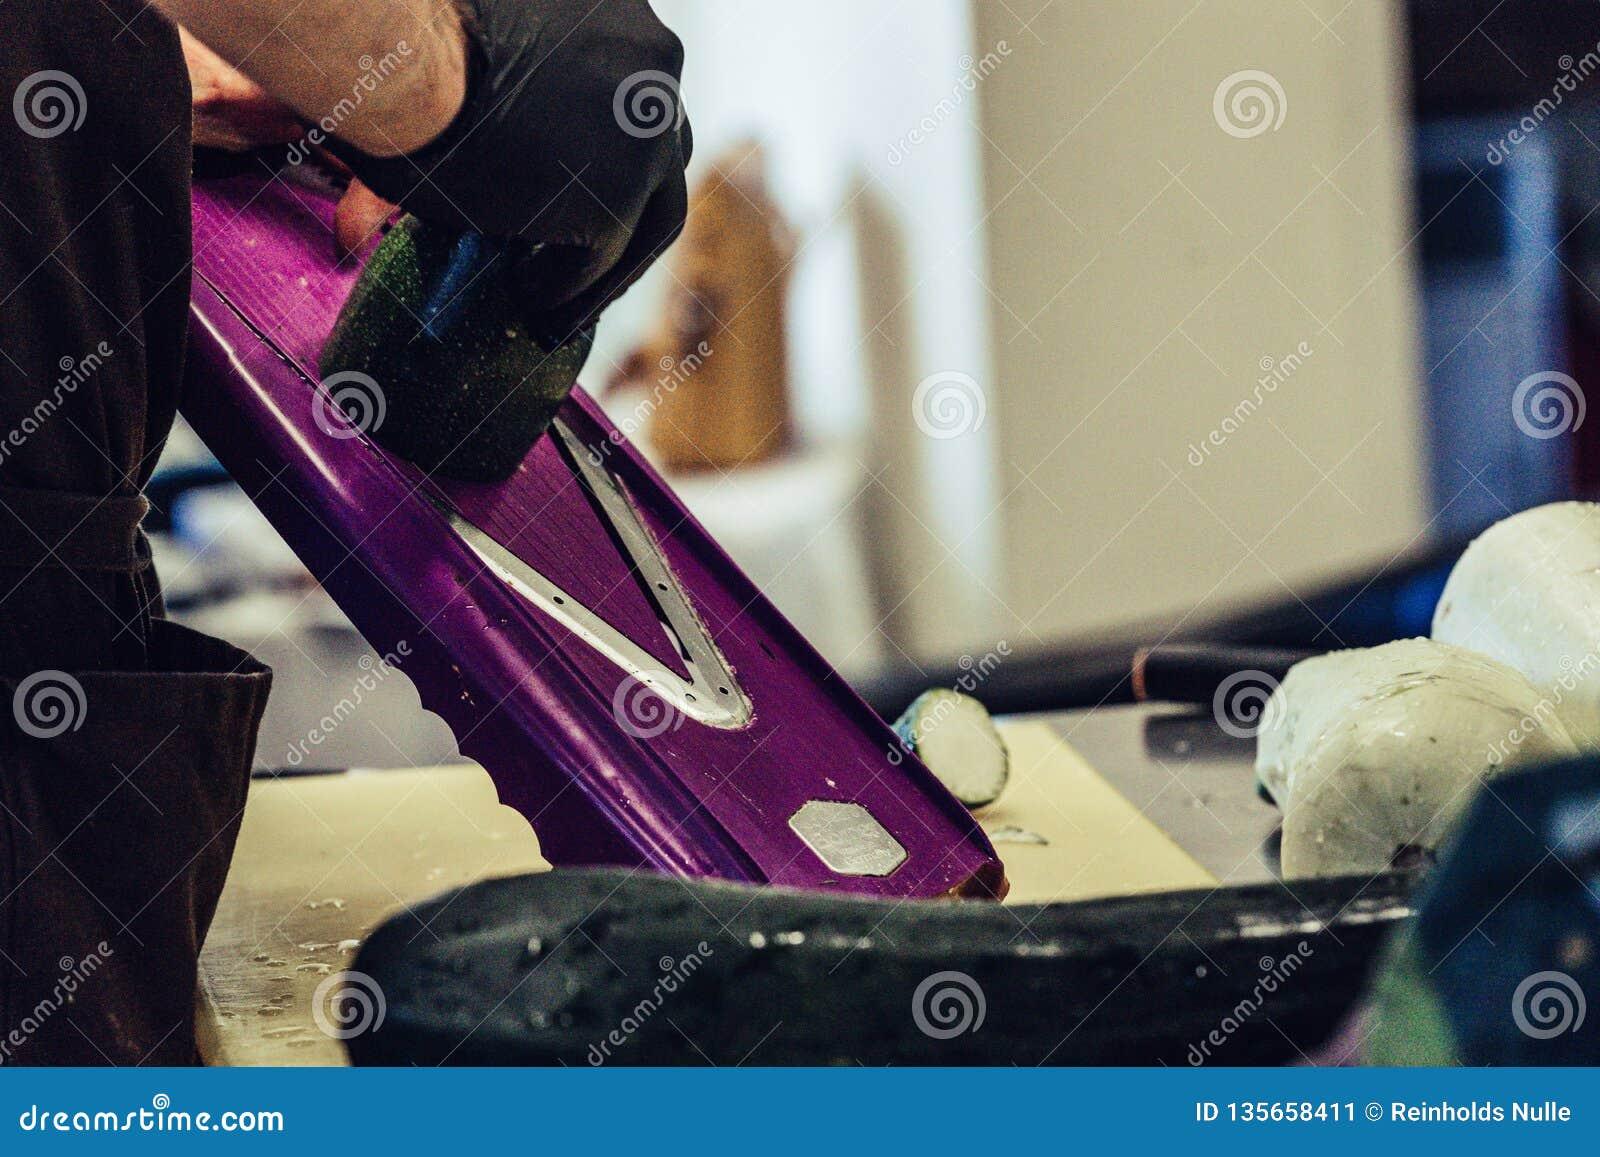 Manlig kock Cutting Eggplant i köket - med handsken på hans hand, begrepp av den hårda funktionsdugliga personen och hygienen i